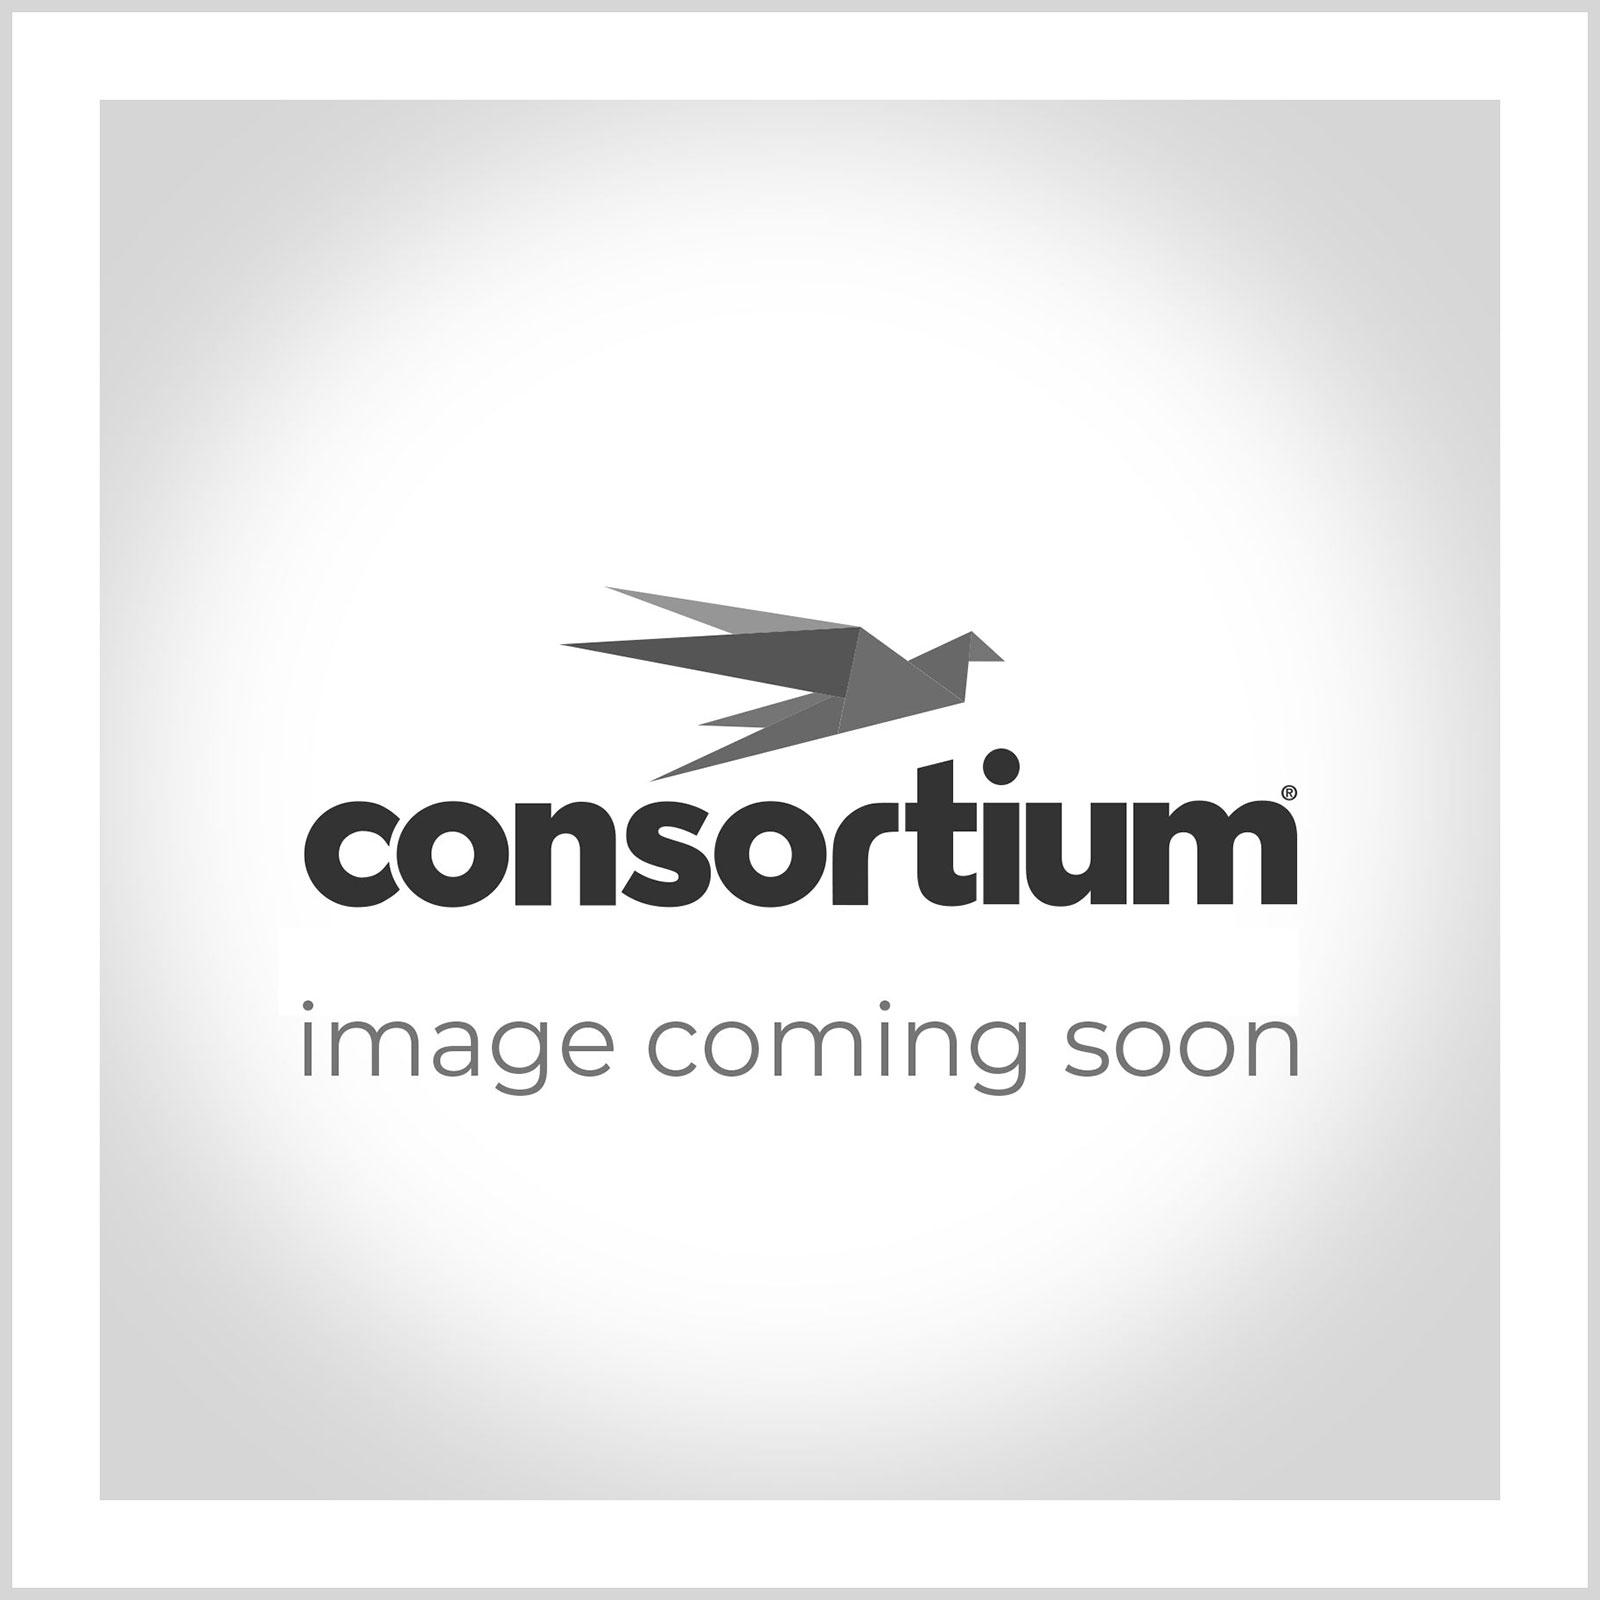 SmartShield Flameshield Noticeboard